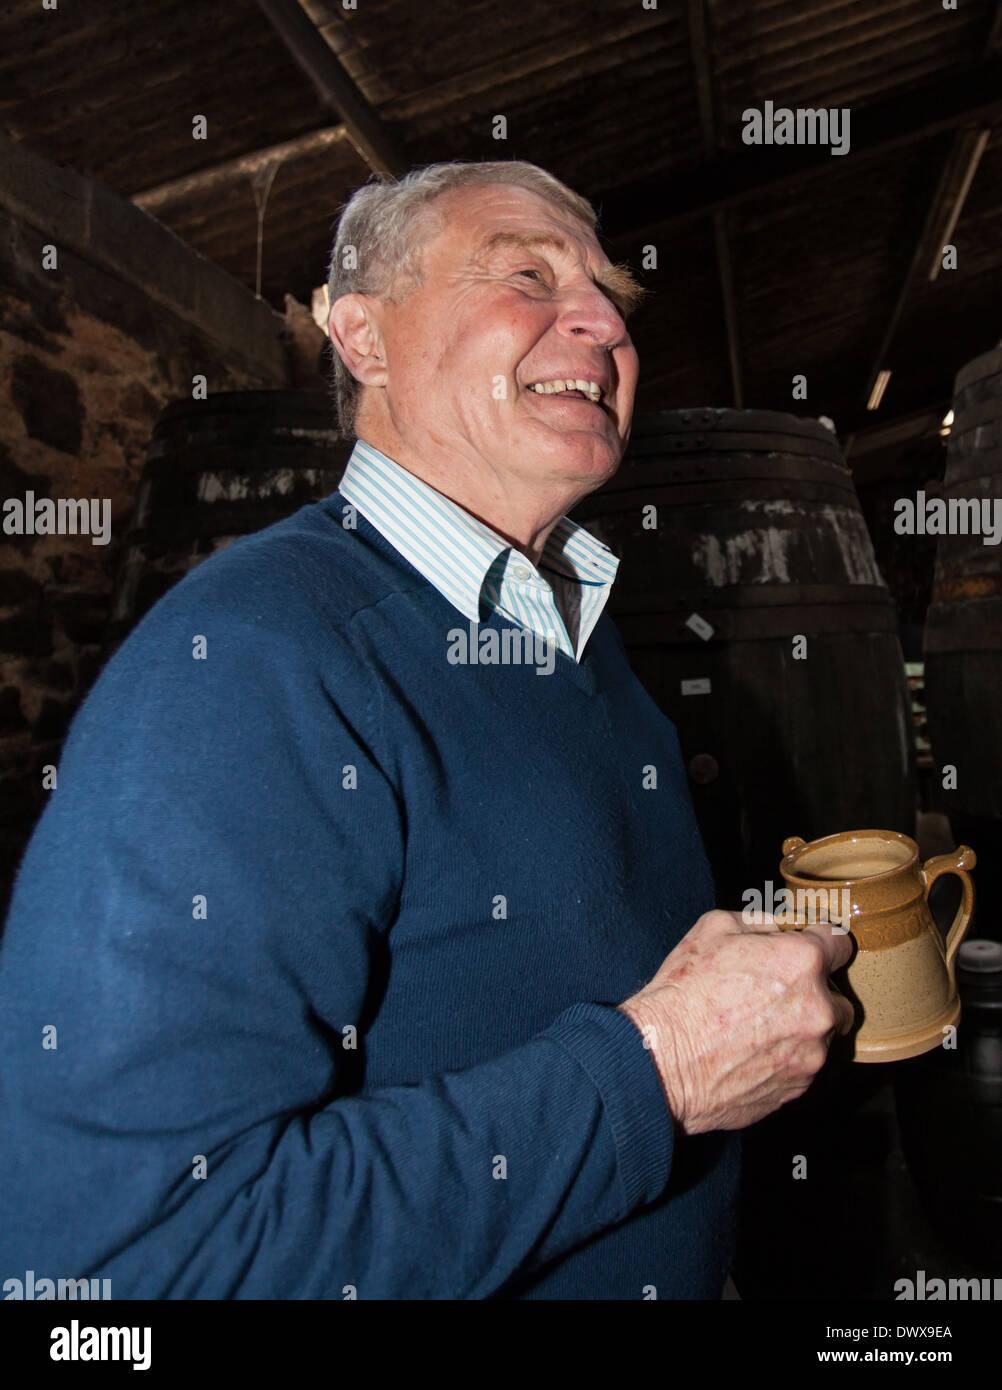 Lord Paddy Ashdown, Baron Ashdown de Norton sub-Hamdon, político británico, ex líder del Partido Liberal Democrático Imagen De Stock